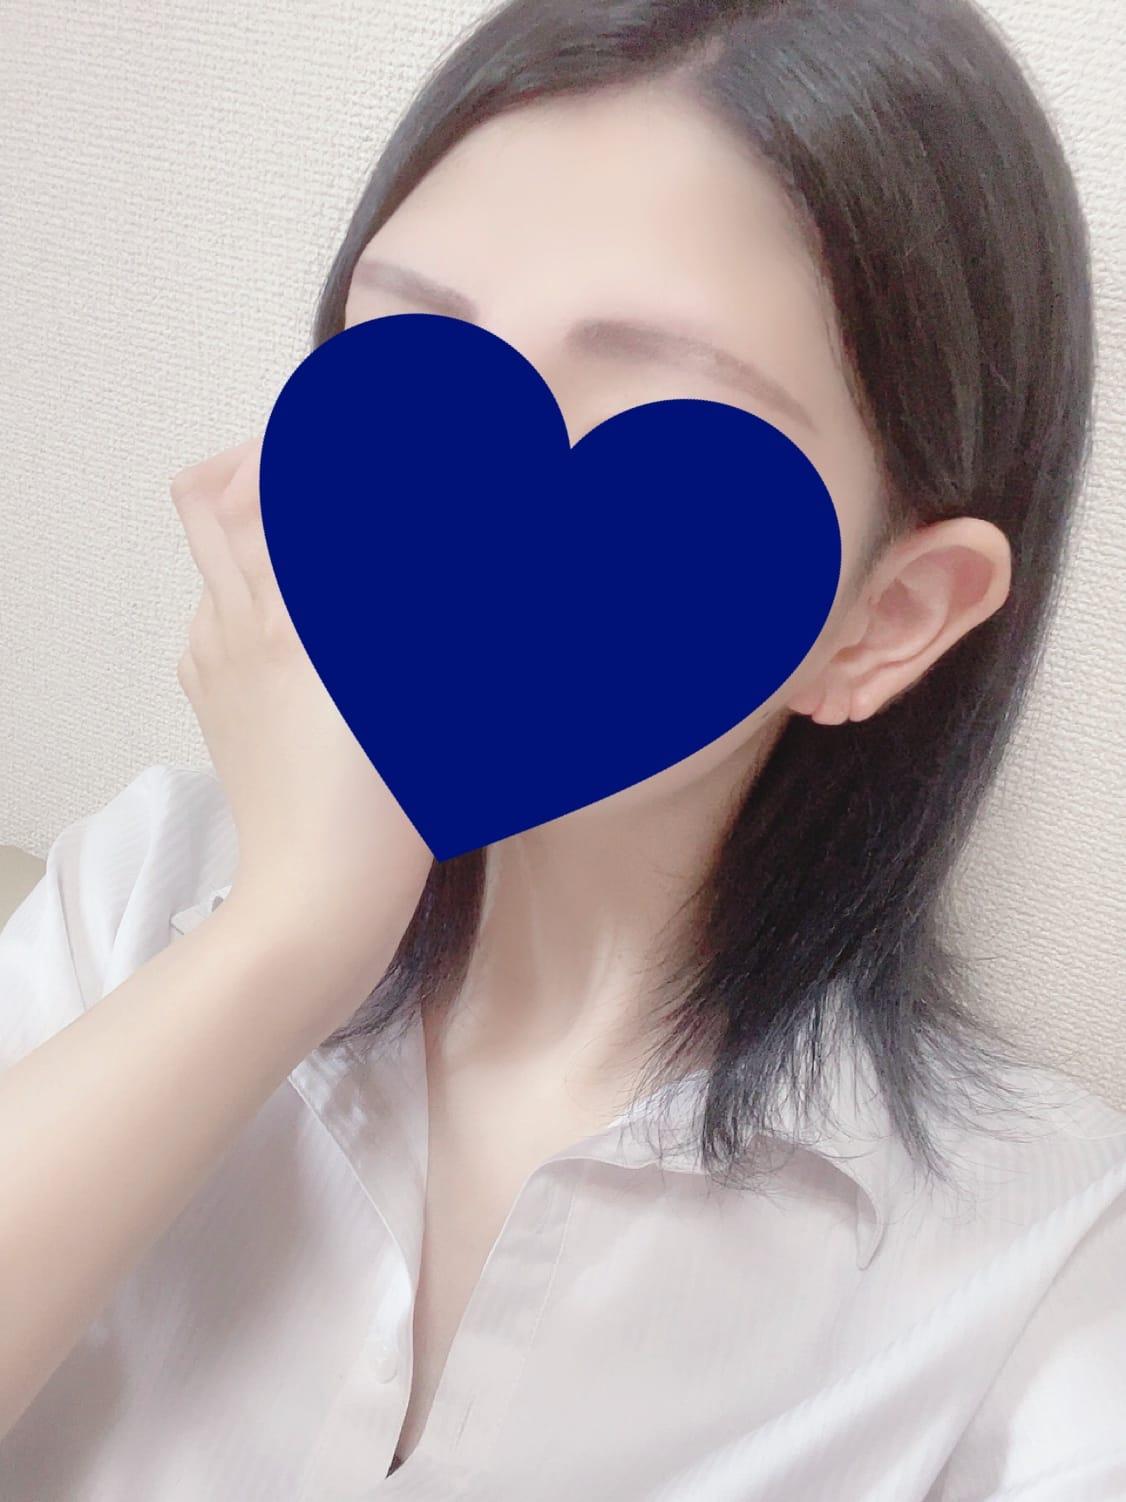 「土曜日〜!」09/11(土) 16:24 | はずきの写メ日記